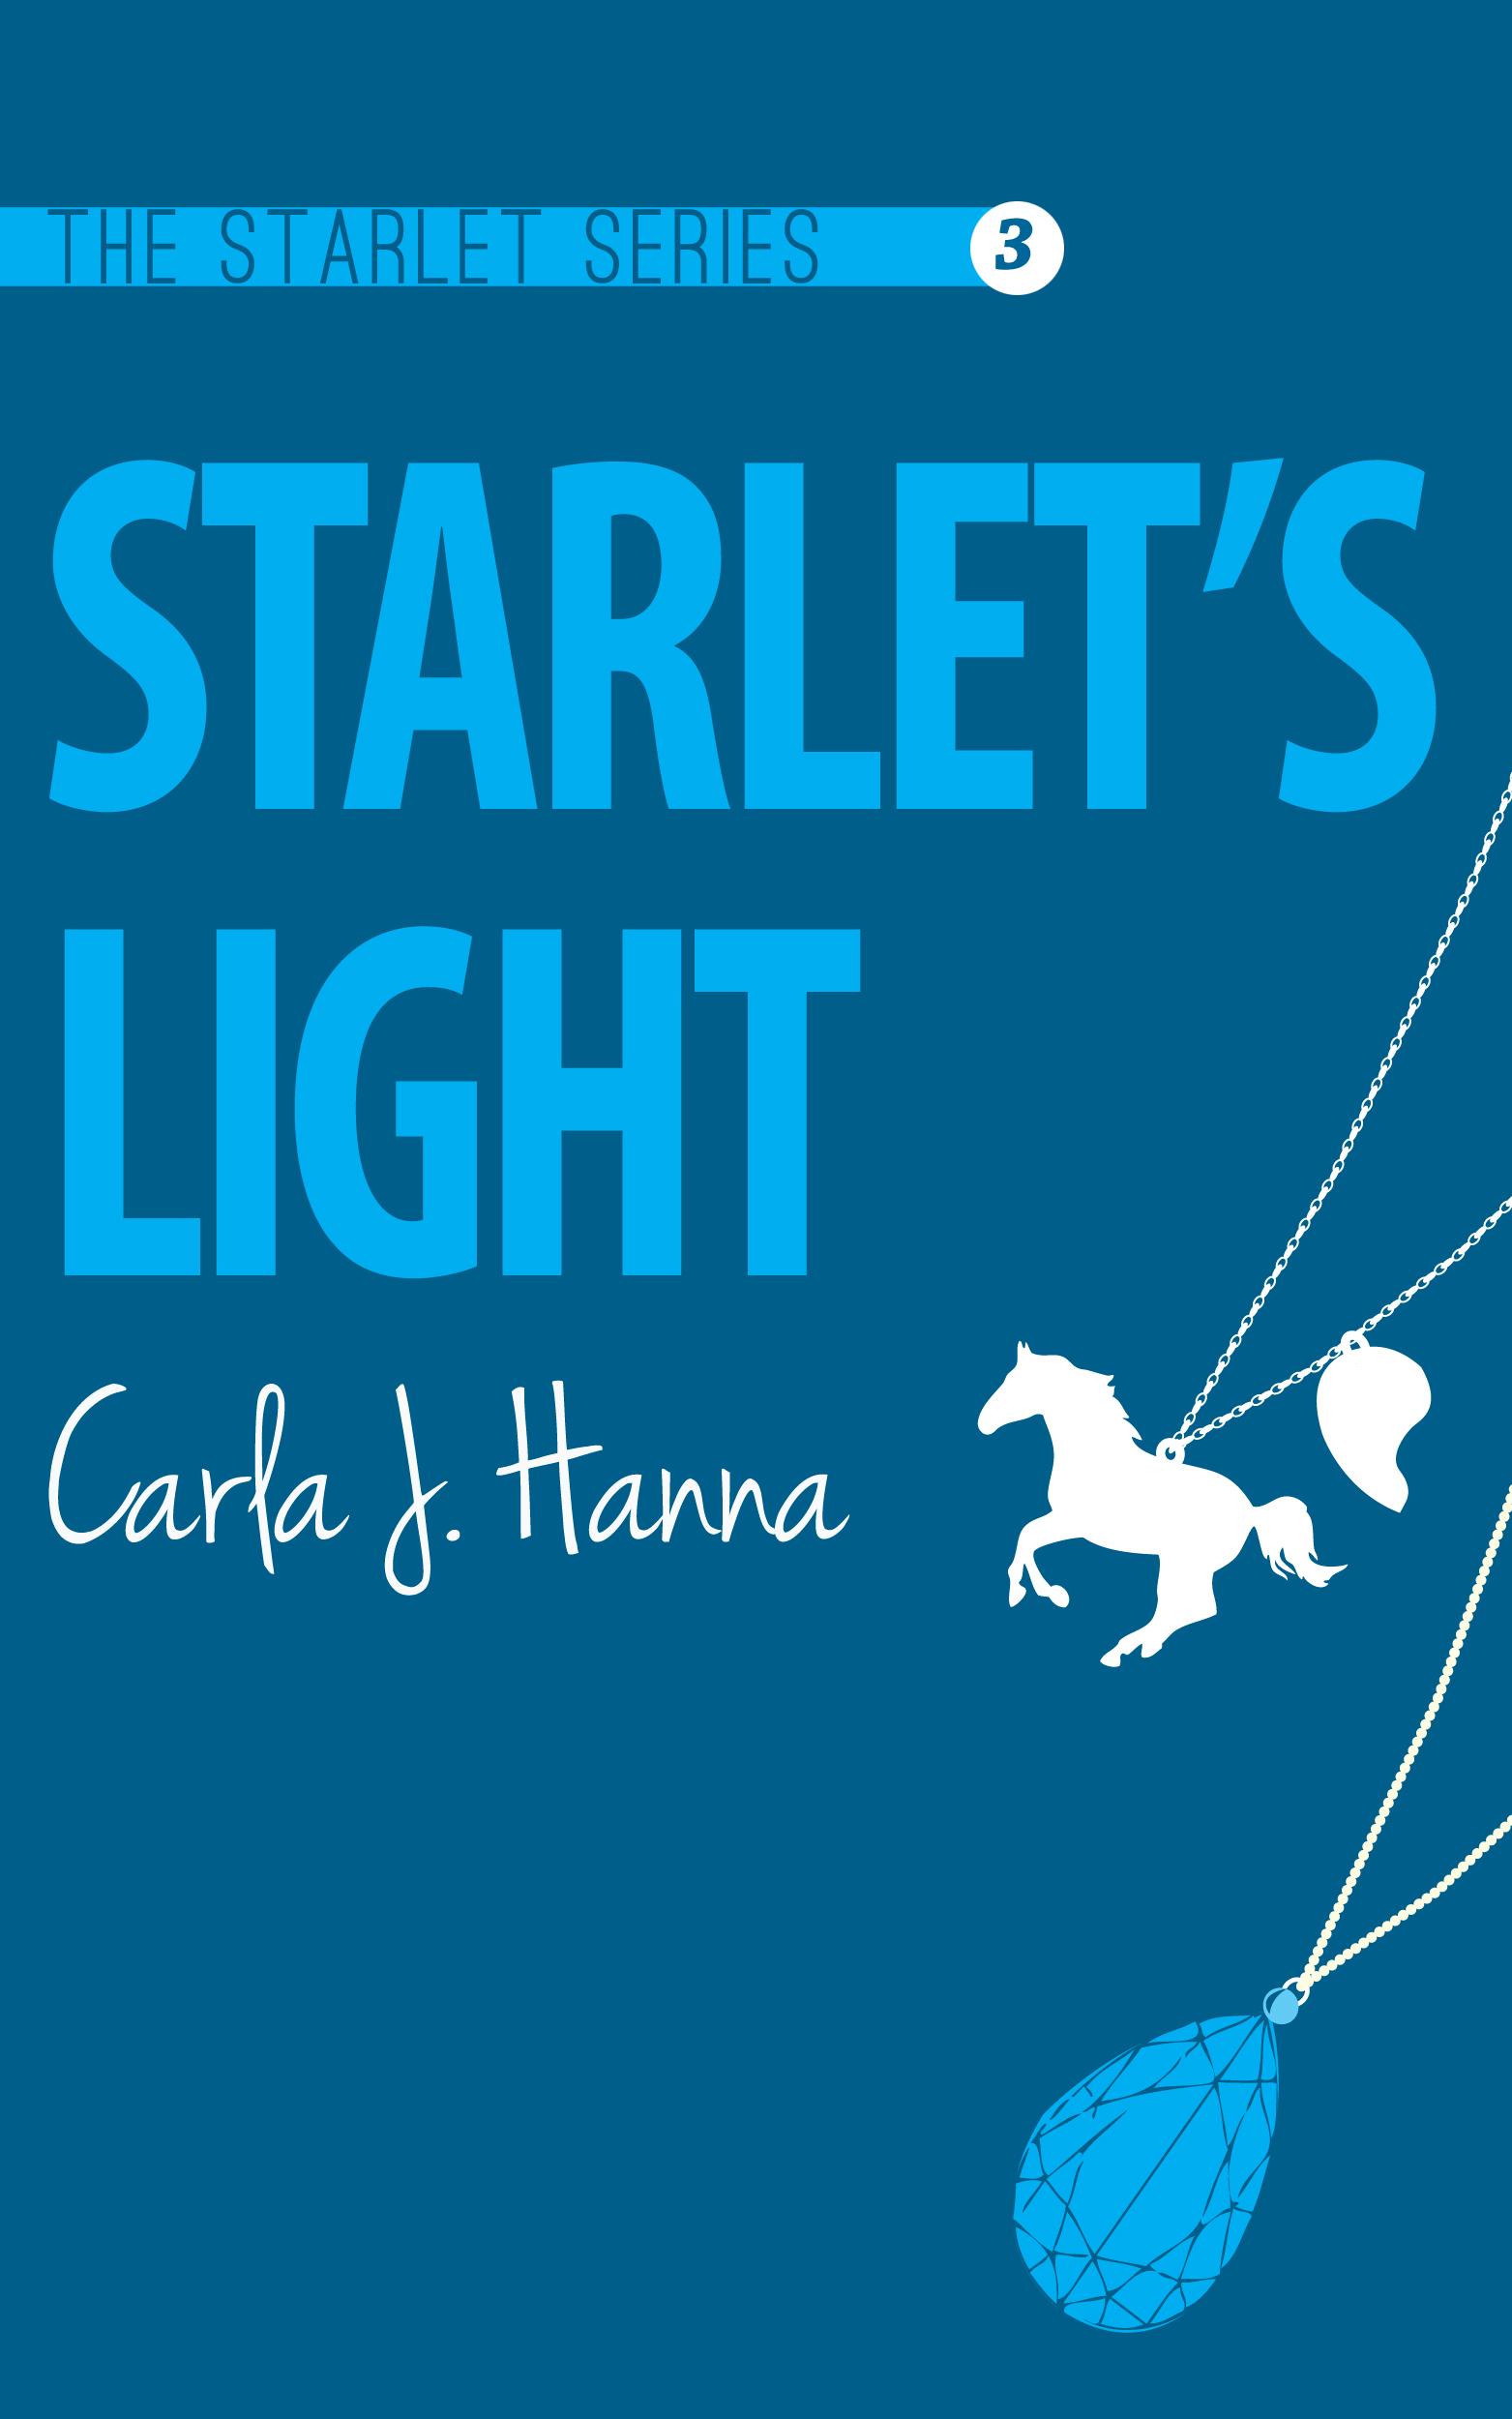 Carla J. Hanna - Starlet's Light (The Starlet Series, #3)